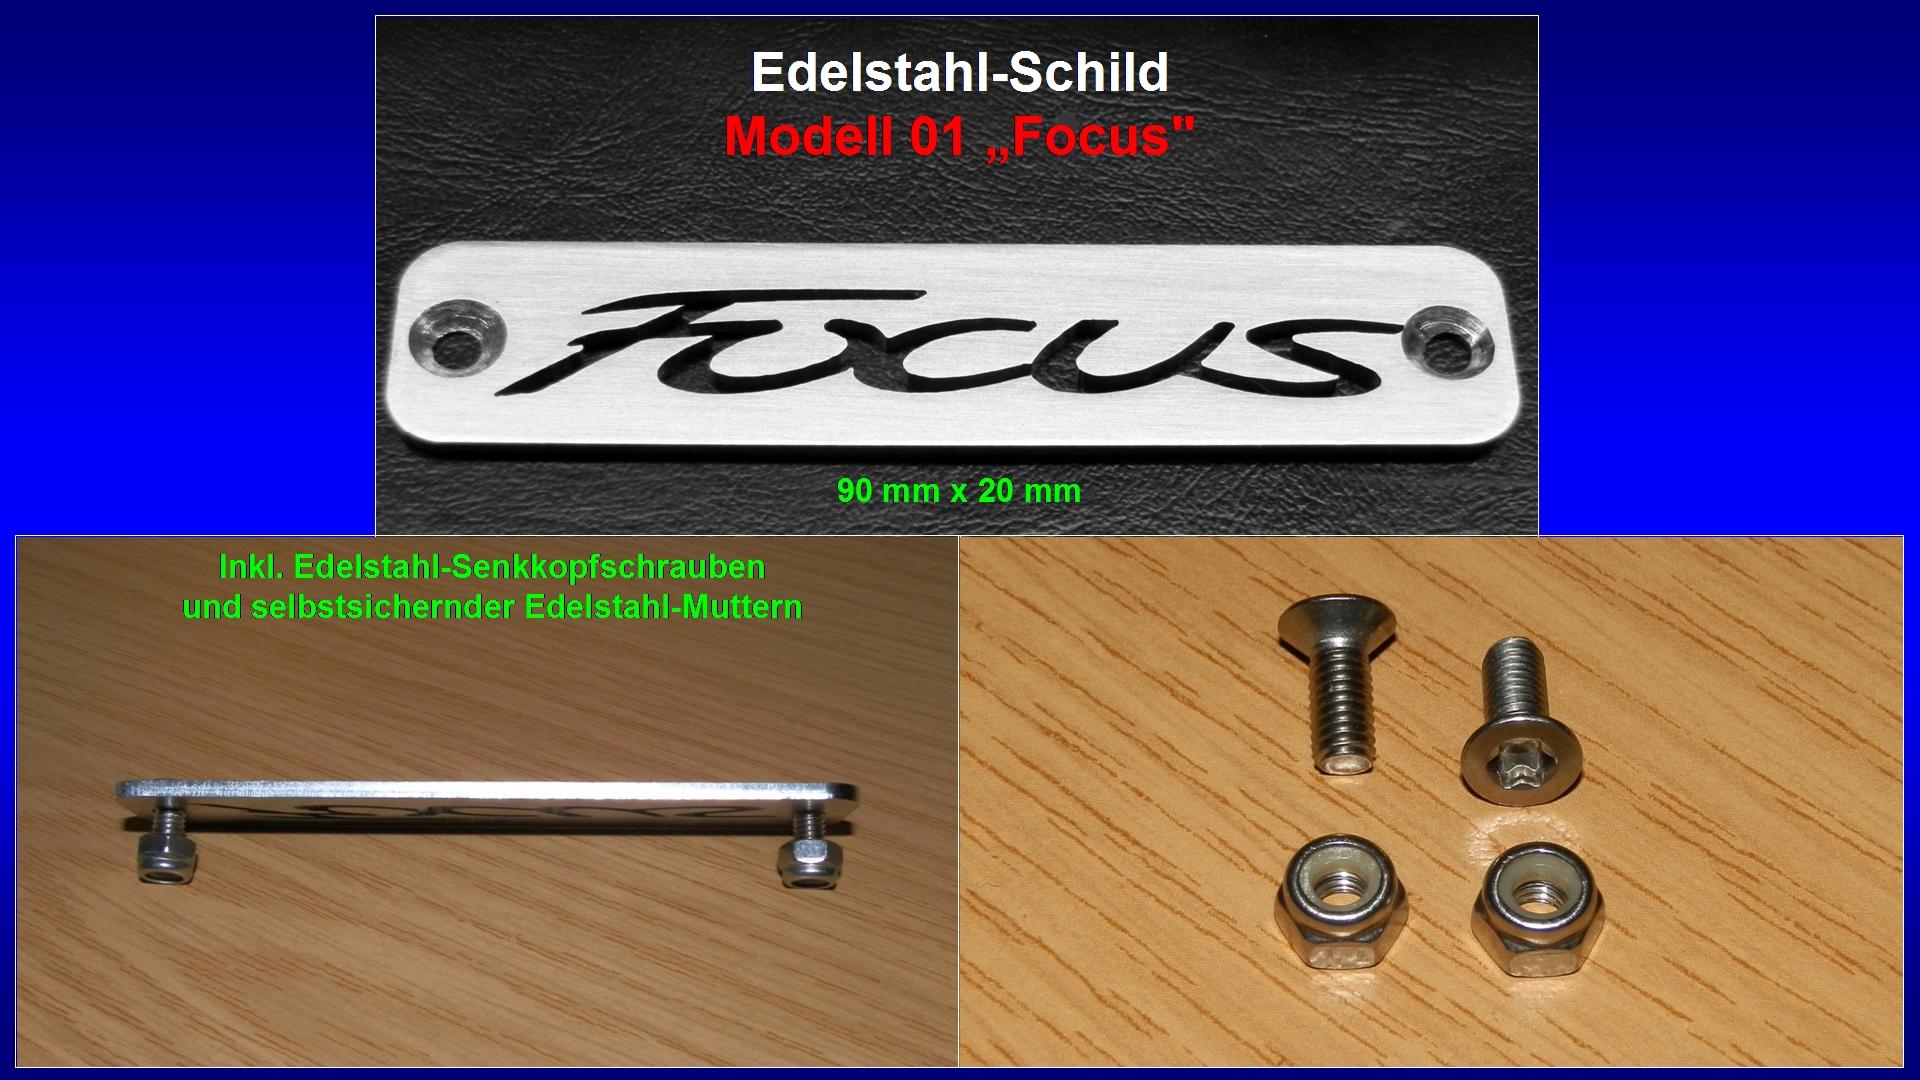 Präsentation Edelstahl-Schild Modell 01 ''Focus'' [Focus-Logo].jpg